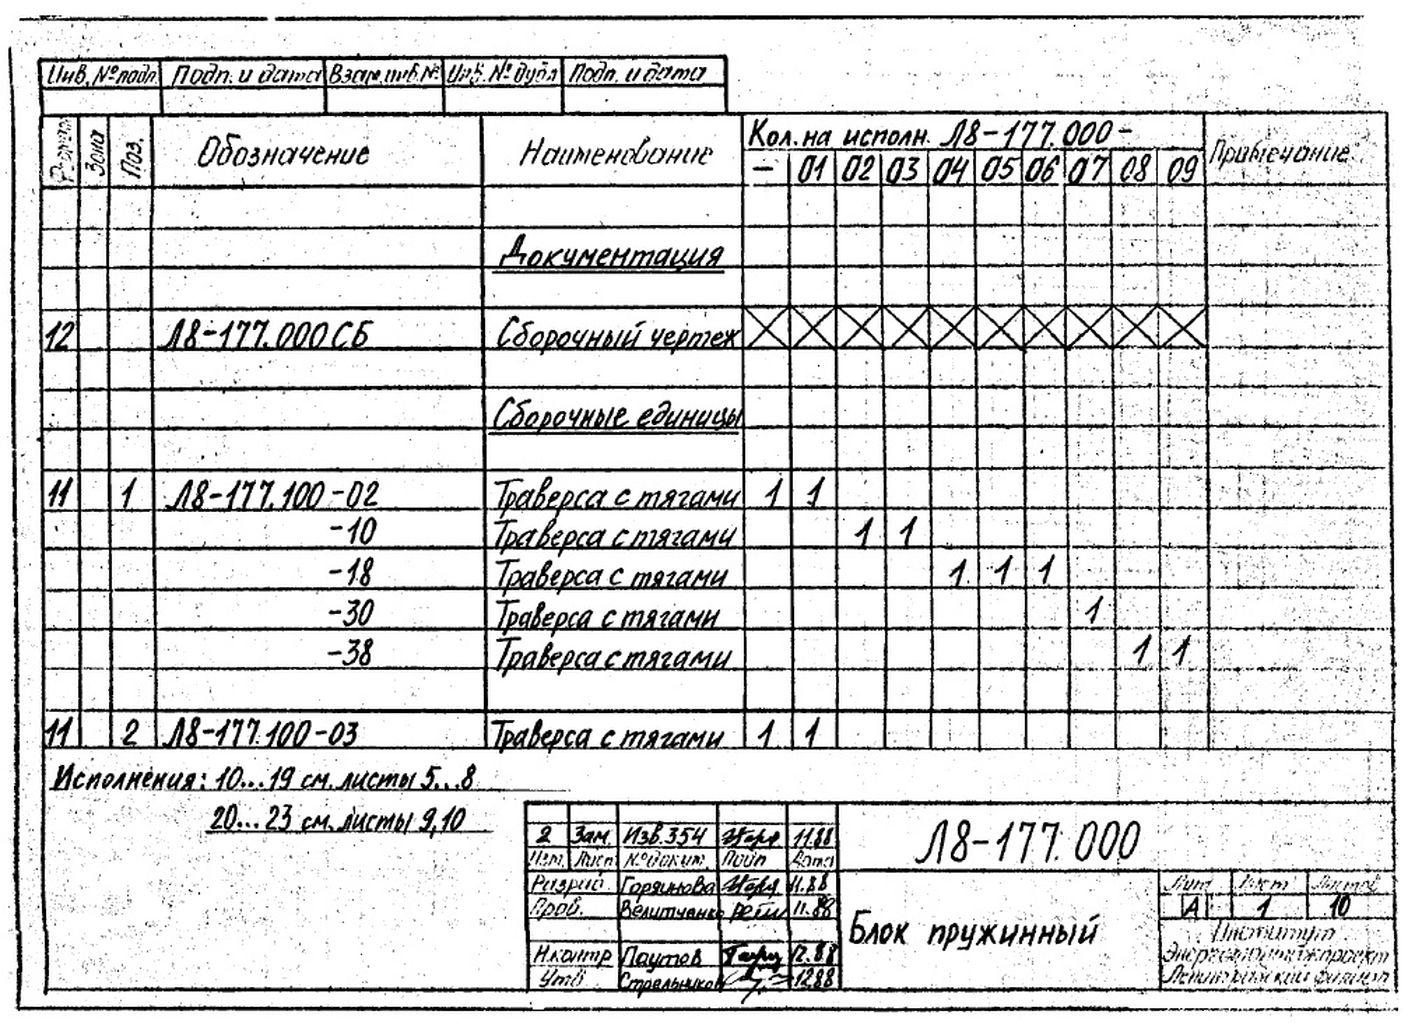 Блок пружинный Л8-177.000 стр.3